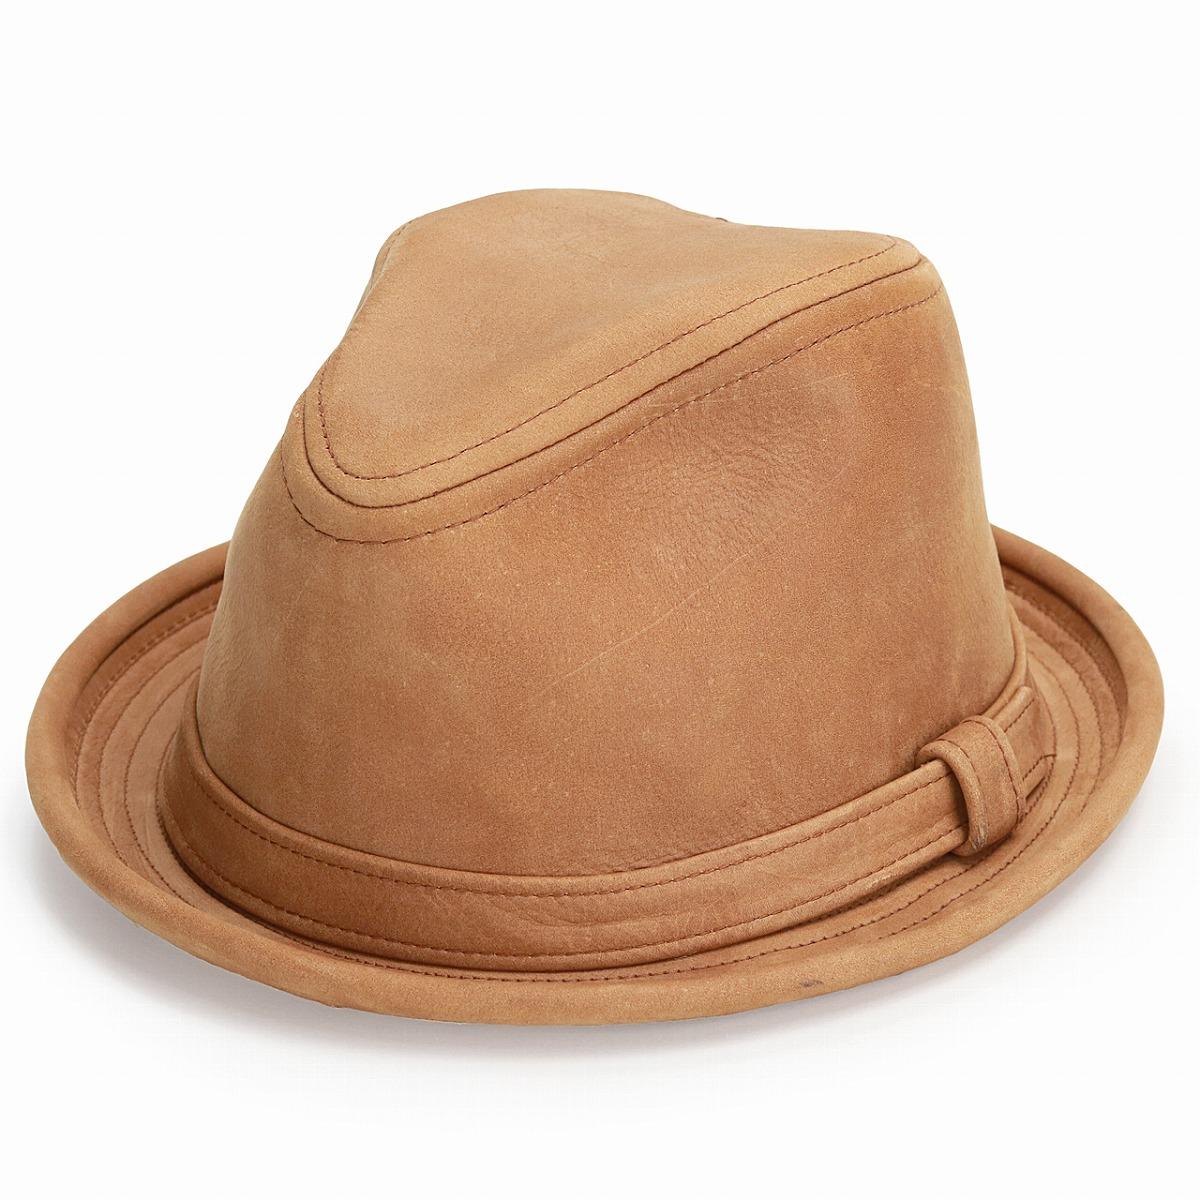 c4dcc2b5b9a ELEHELM HAT STORE: Men's New York Hat tear drop leather vintage / leather  short brim / 9290 Vintage Leather Fedora / tea last NewYorkHat Hat |  Rakuten ...